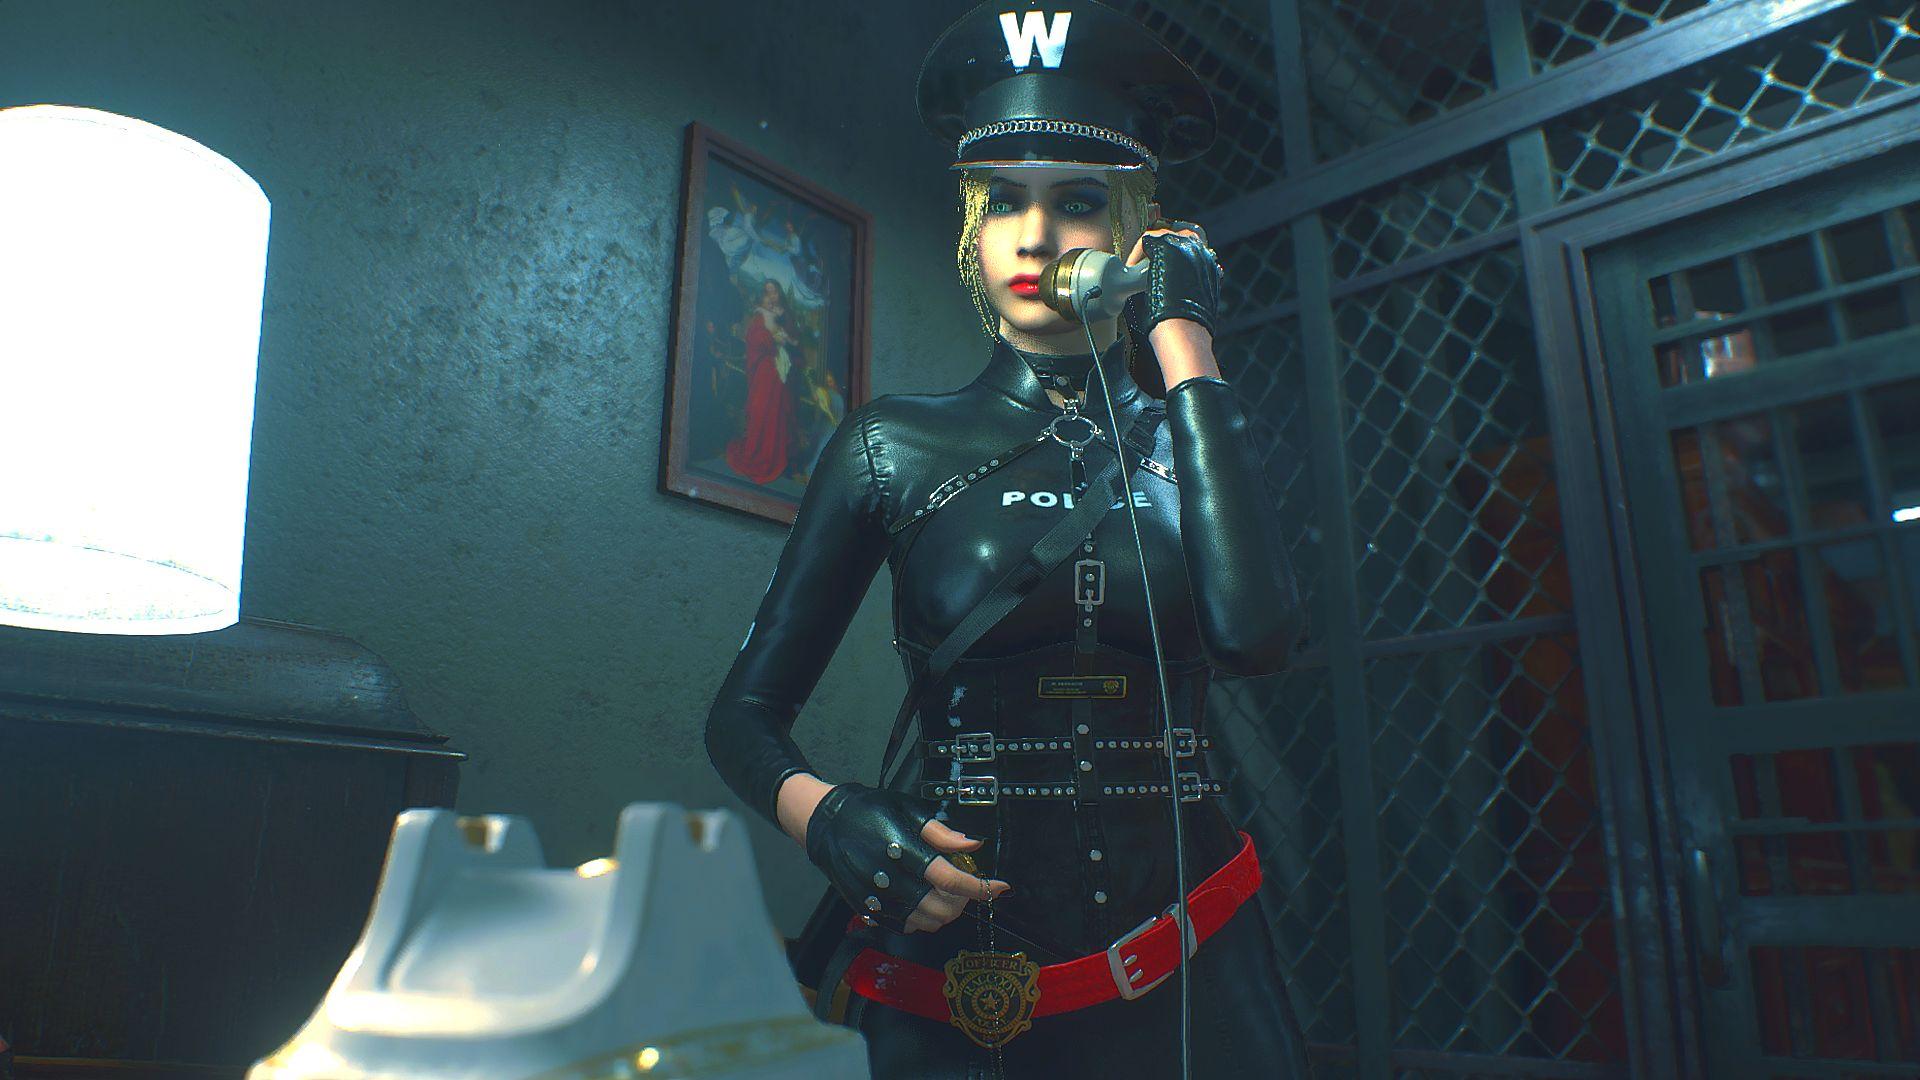 000108.Jpg - Resident Evil 2